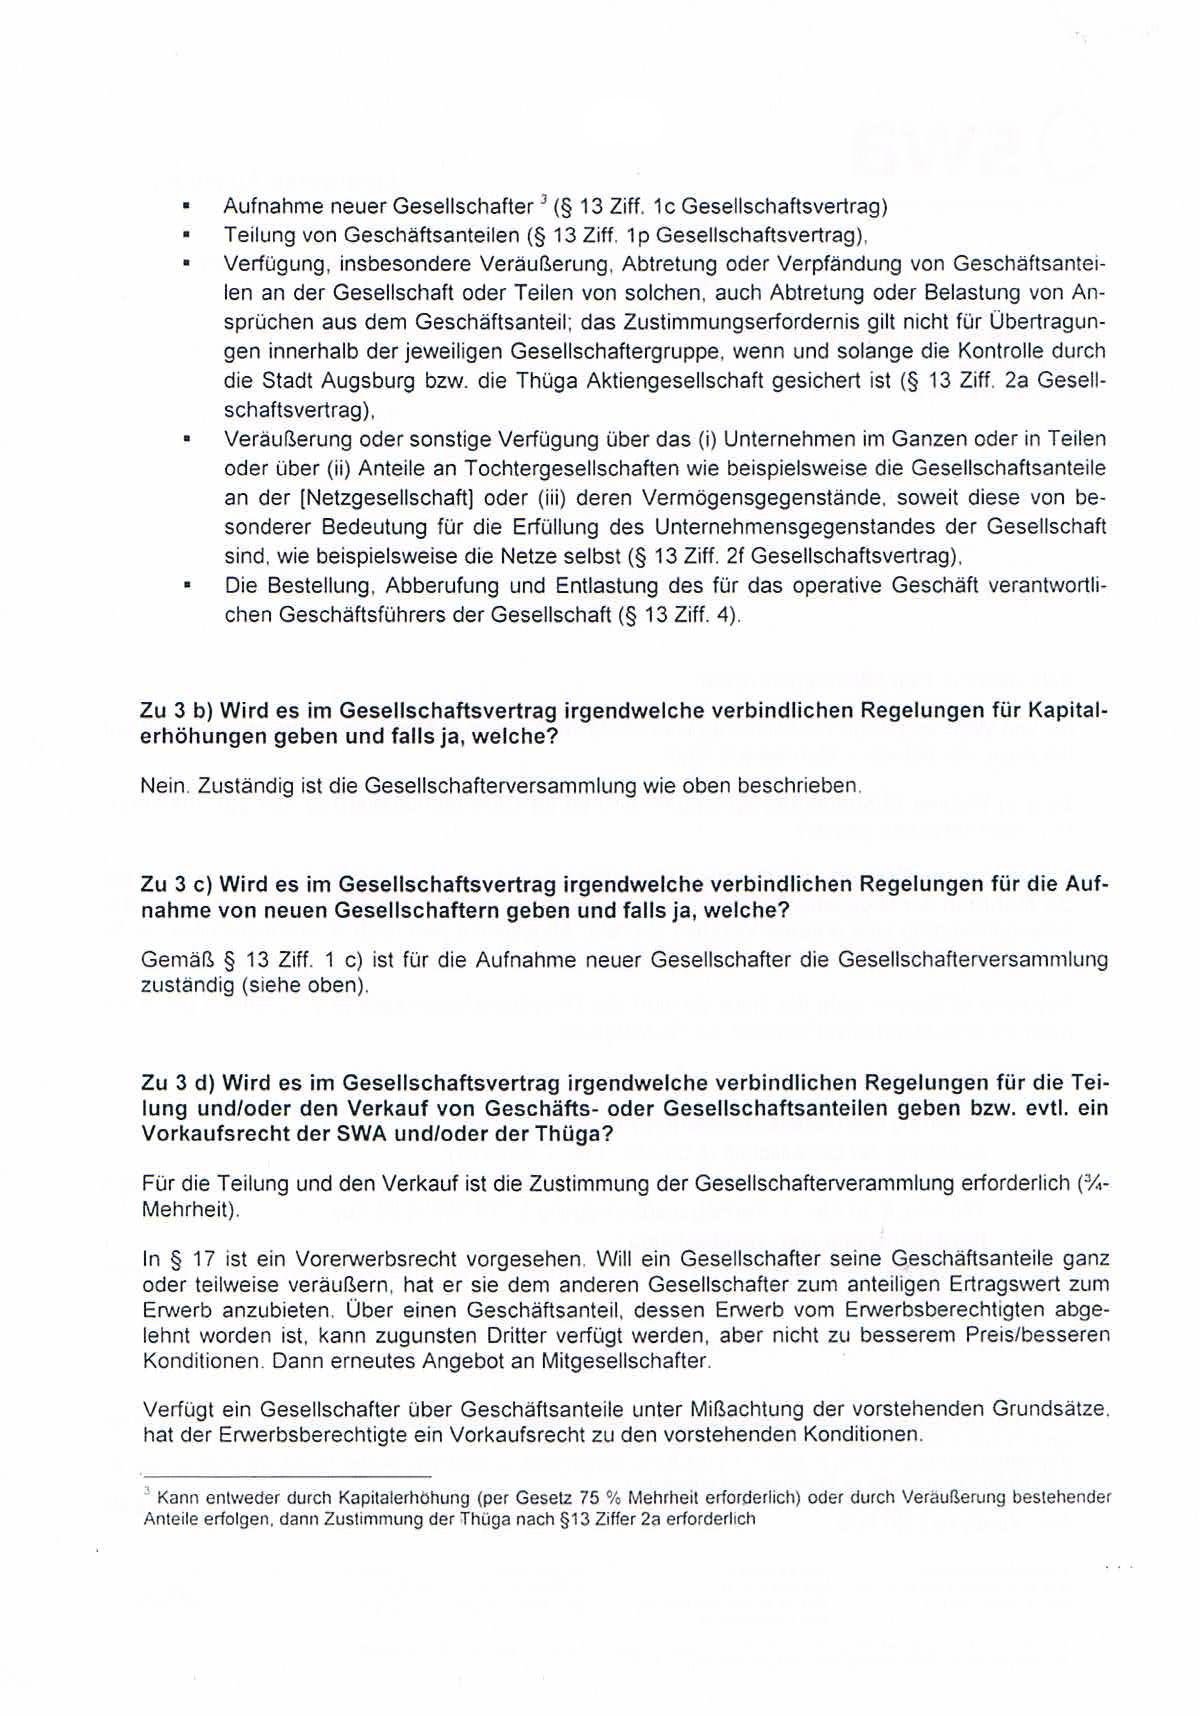 swa-Antwortschreiben vom 14.04.2015, Seite 2 - geweißt